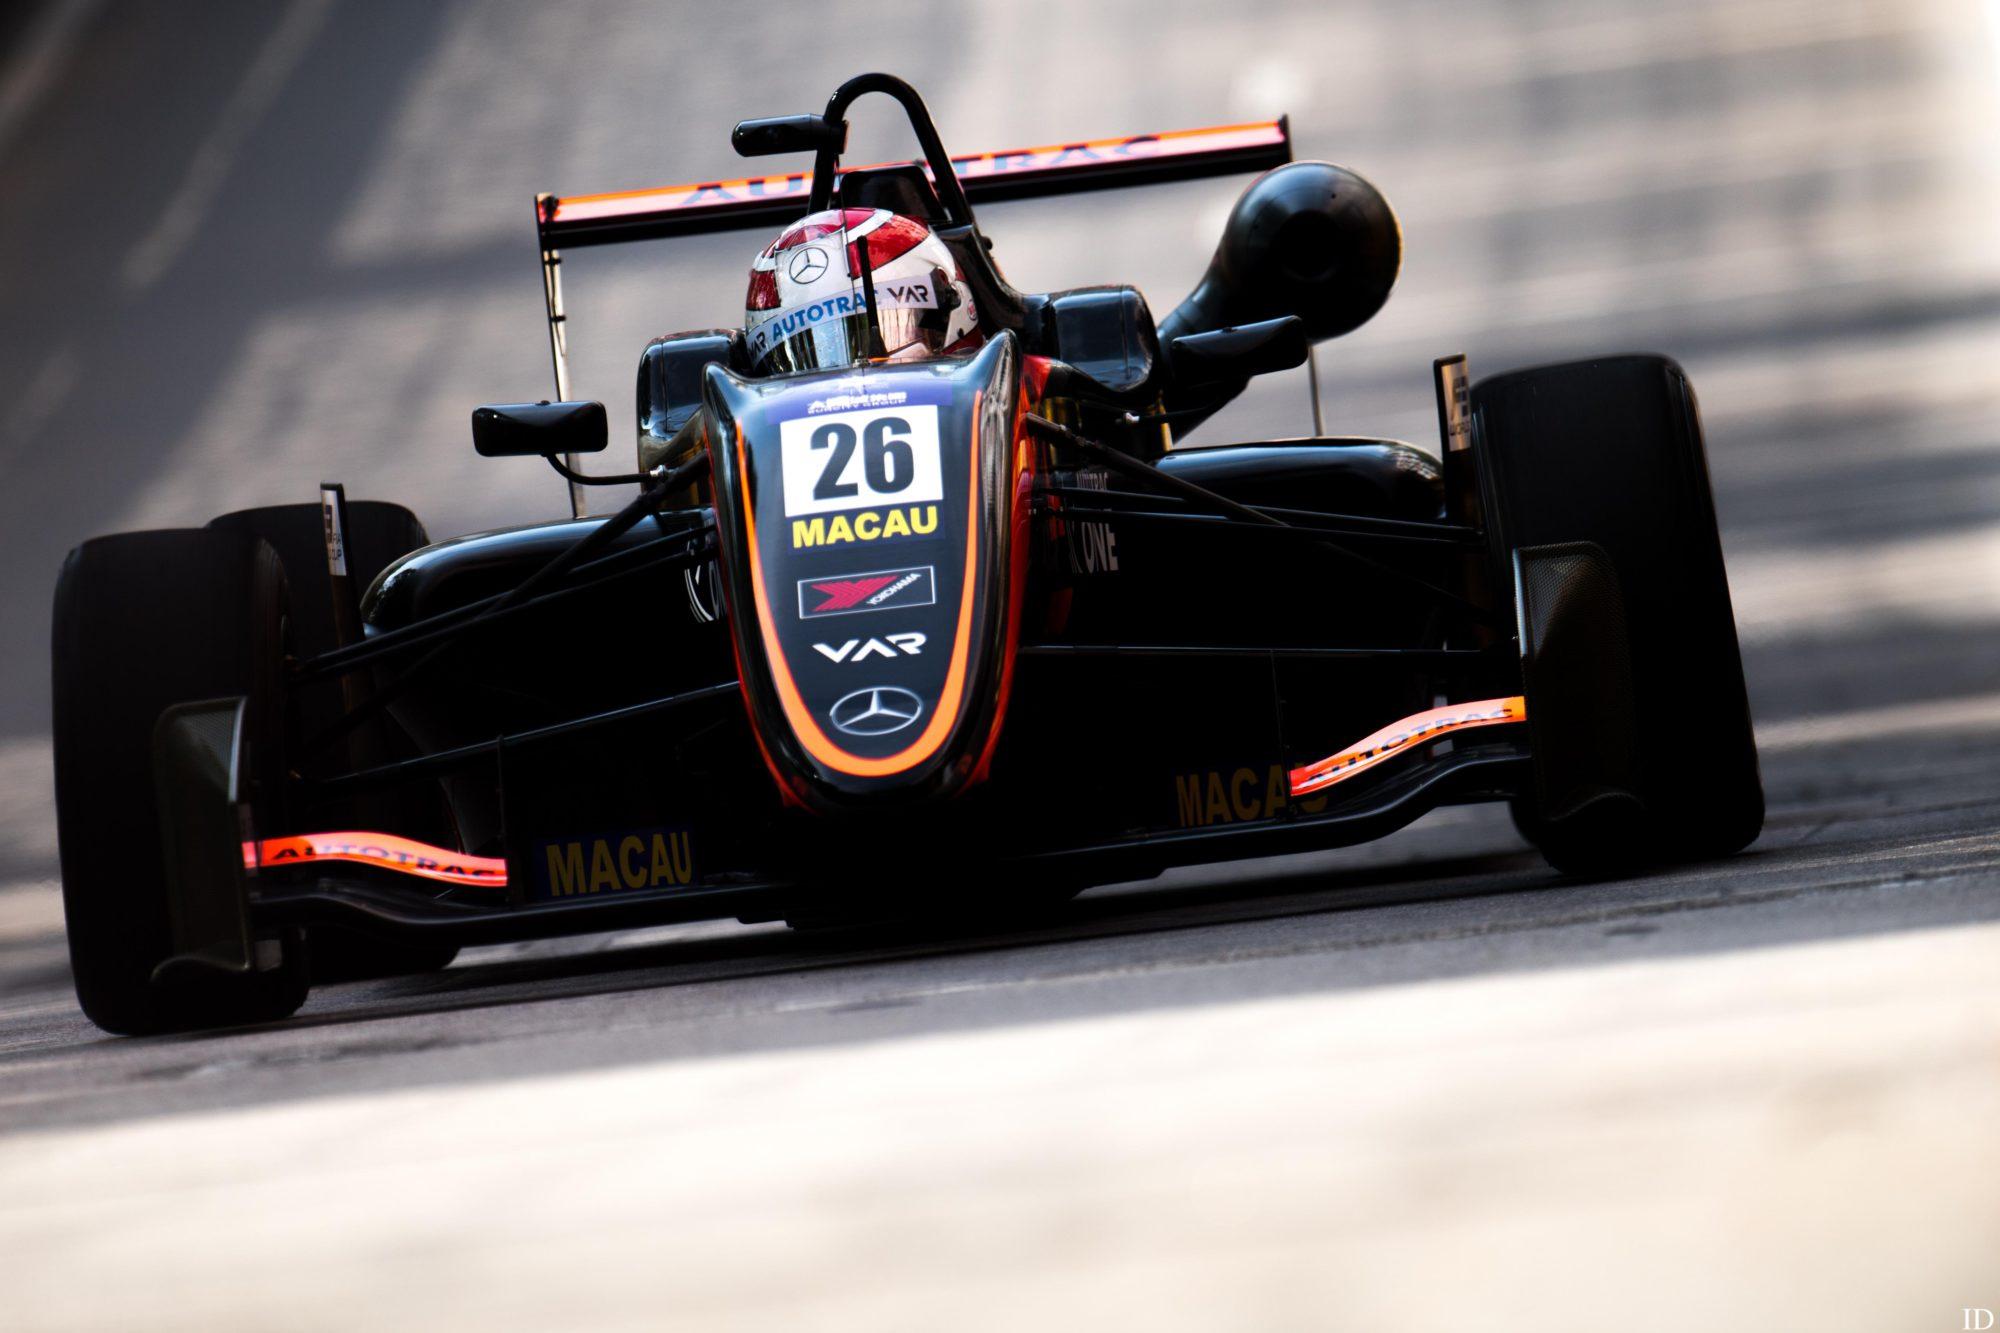 Super Gt Gt500 Eneos Sustina Rc F Fuji Test 2014 Racingblog